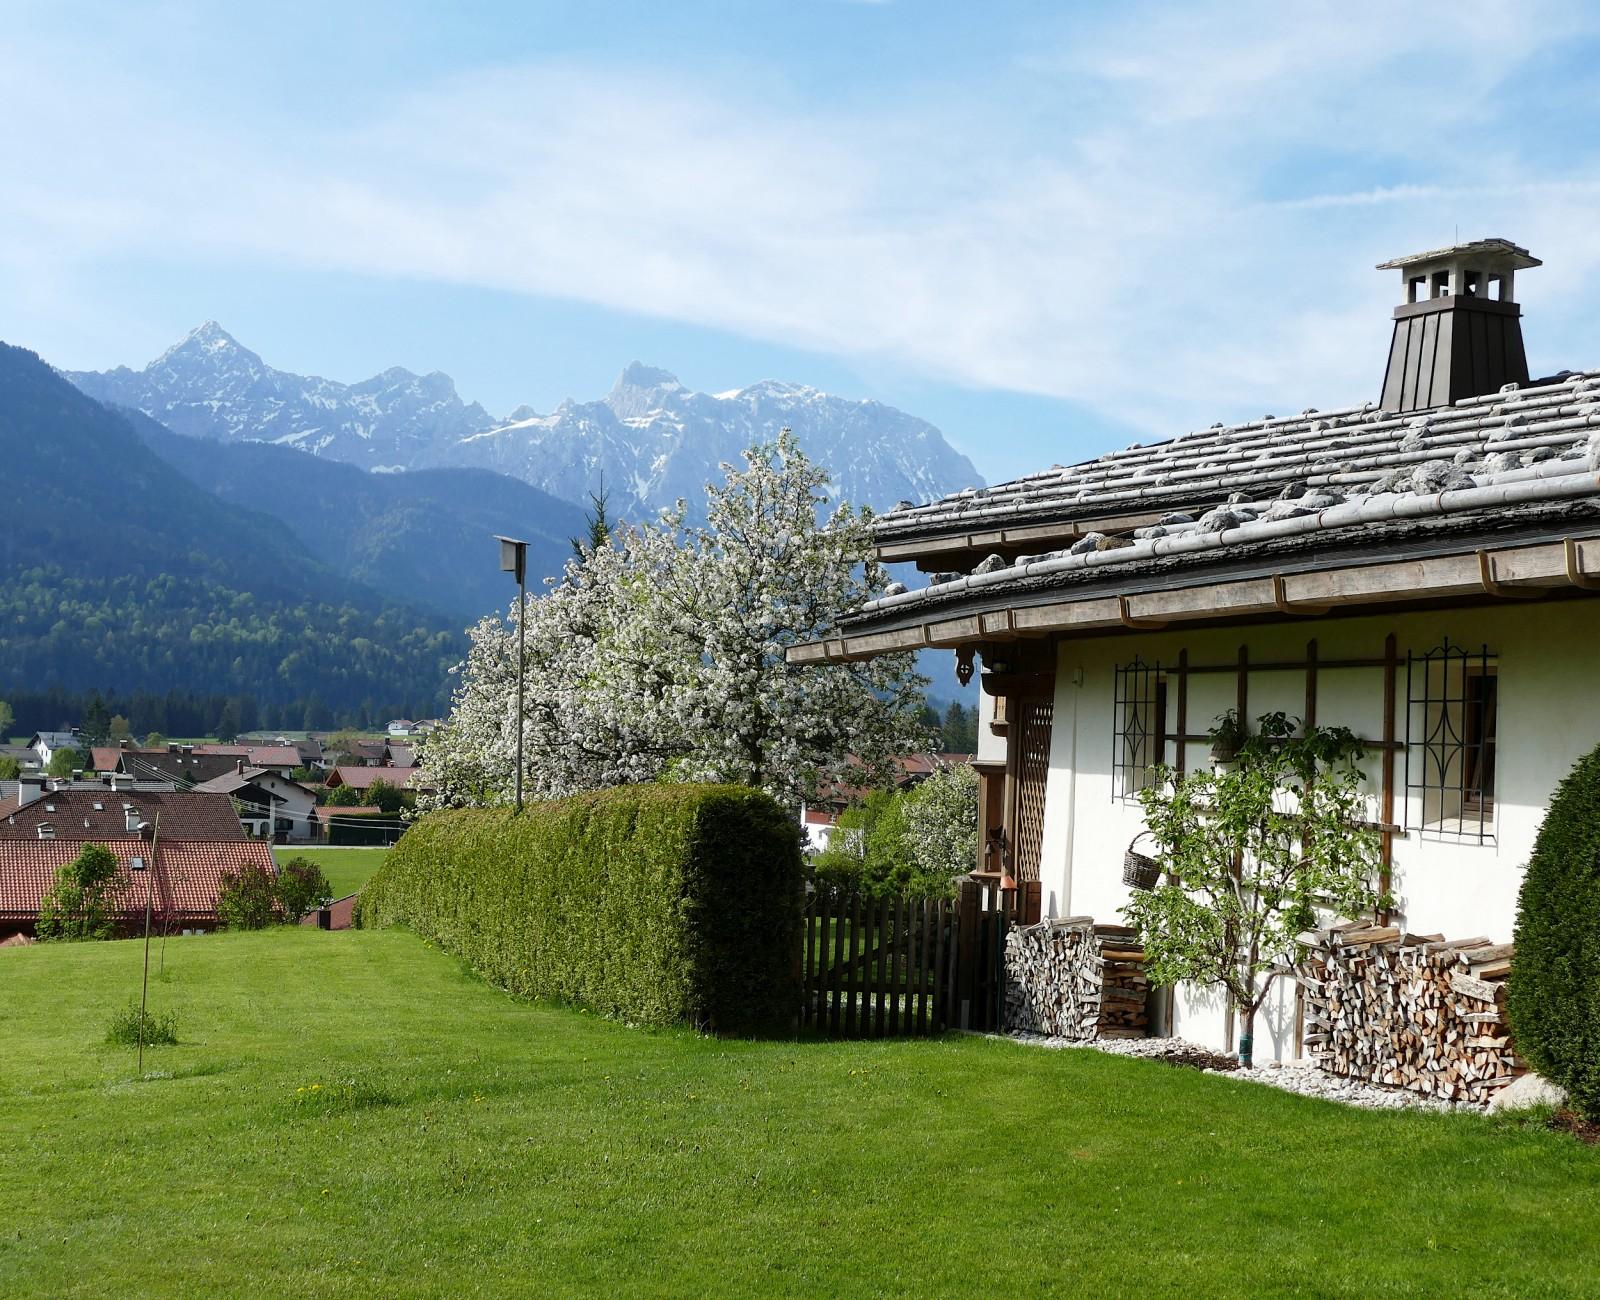 Haus mit Schindeldach und Obstgarten an der Sonnleiten in Wallgau